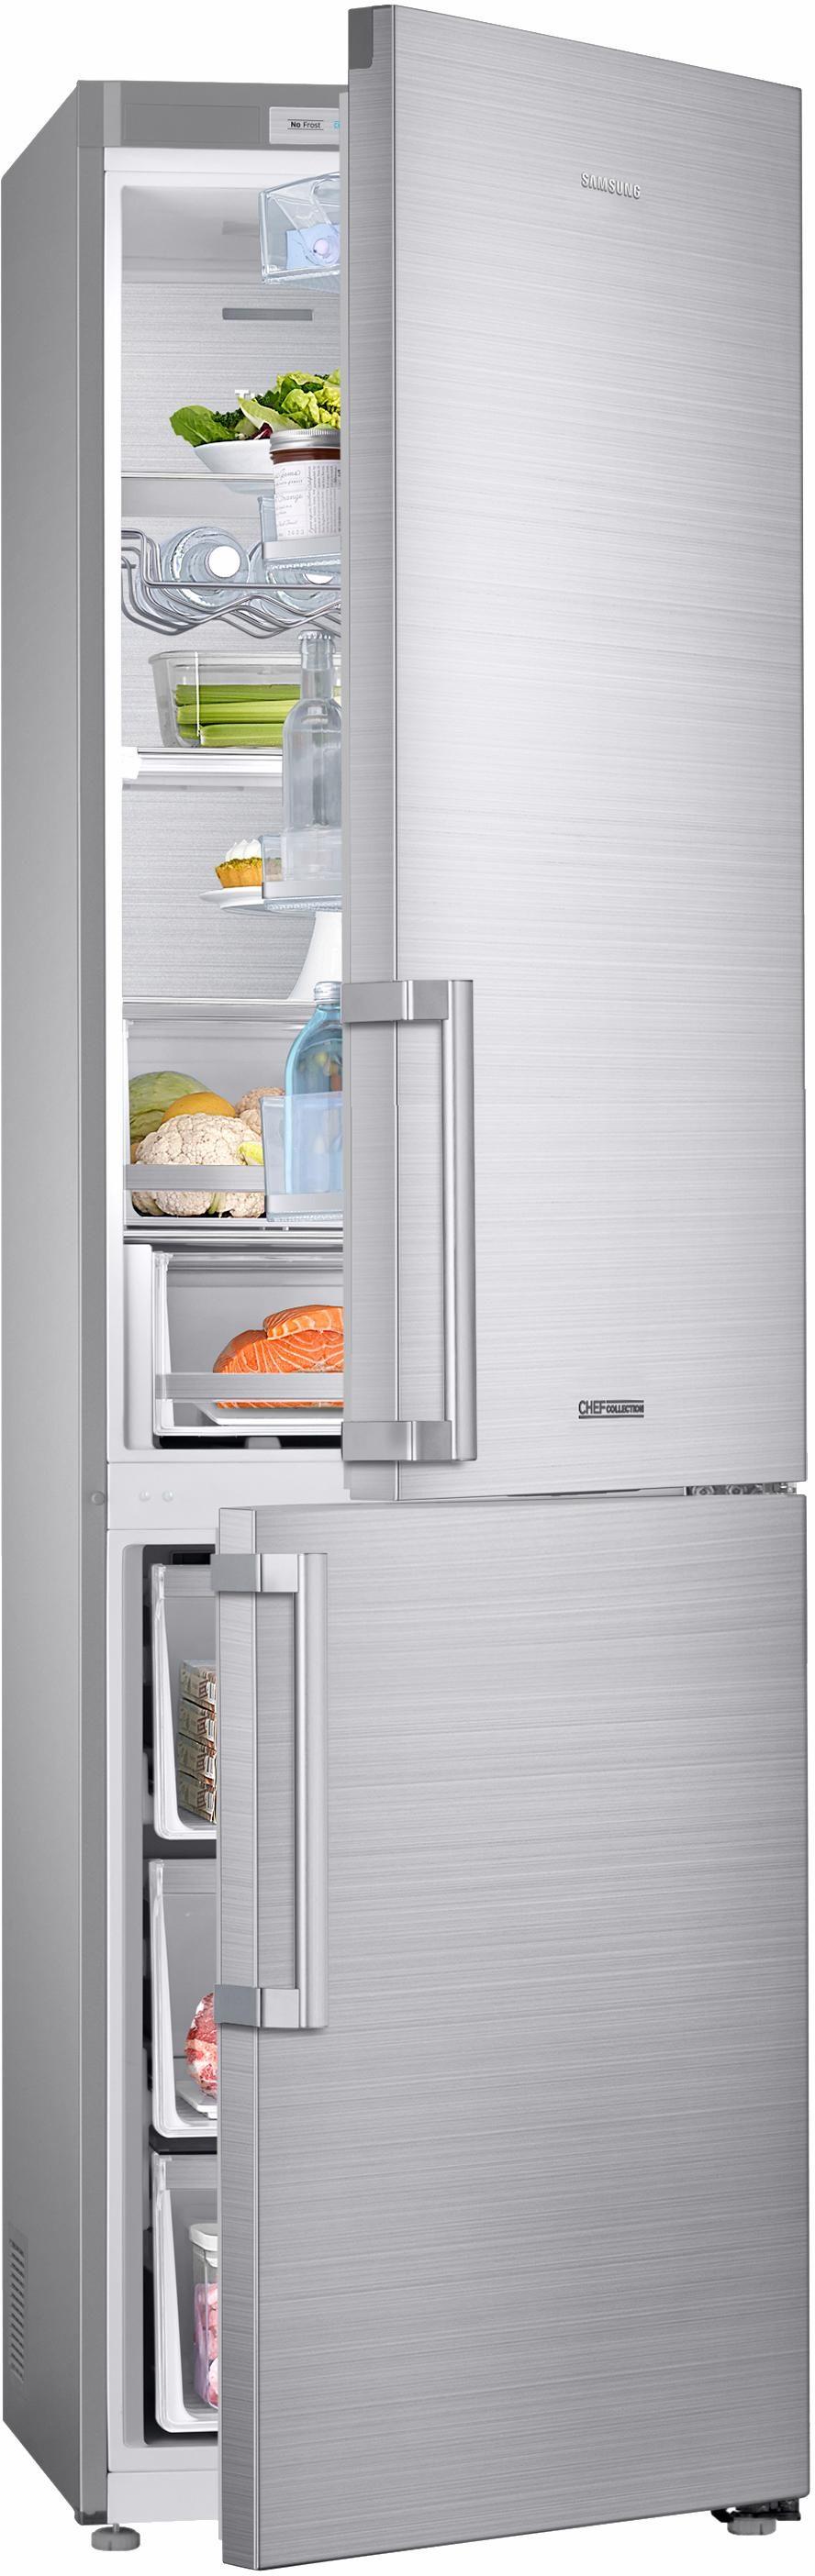 Samsung Kühl-Gefrierkombination RL36J8159SR/EG, Energieklasse A+++, 201 cm hoch, NoFrost